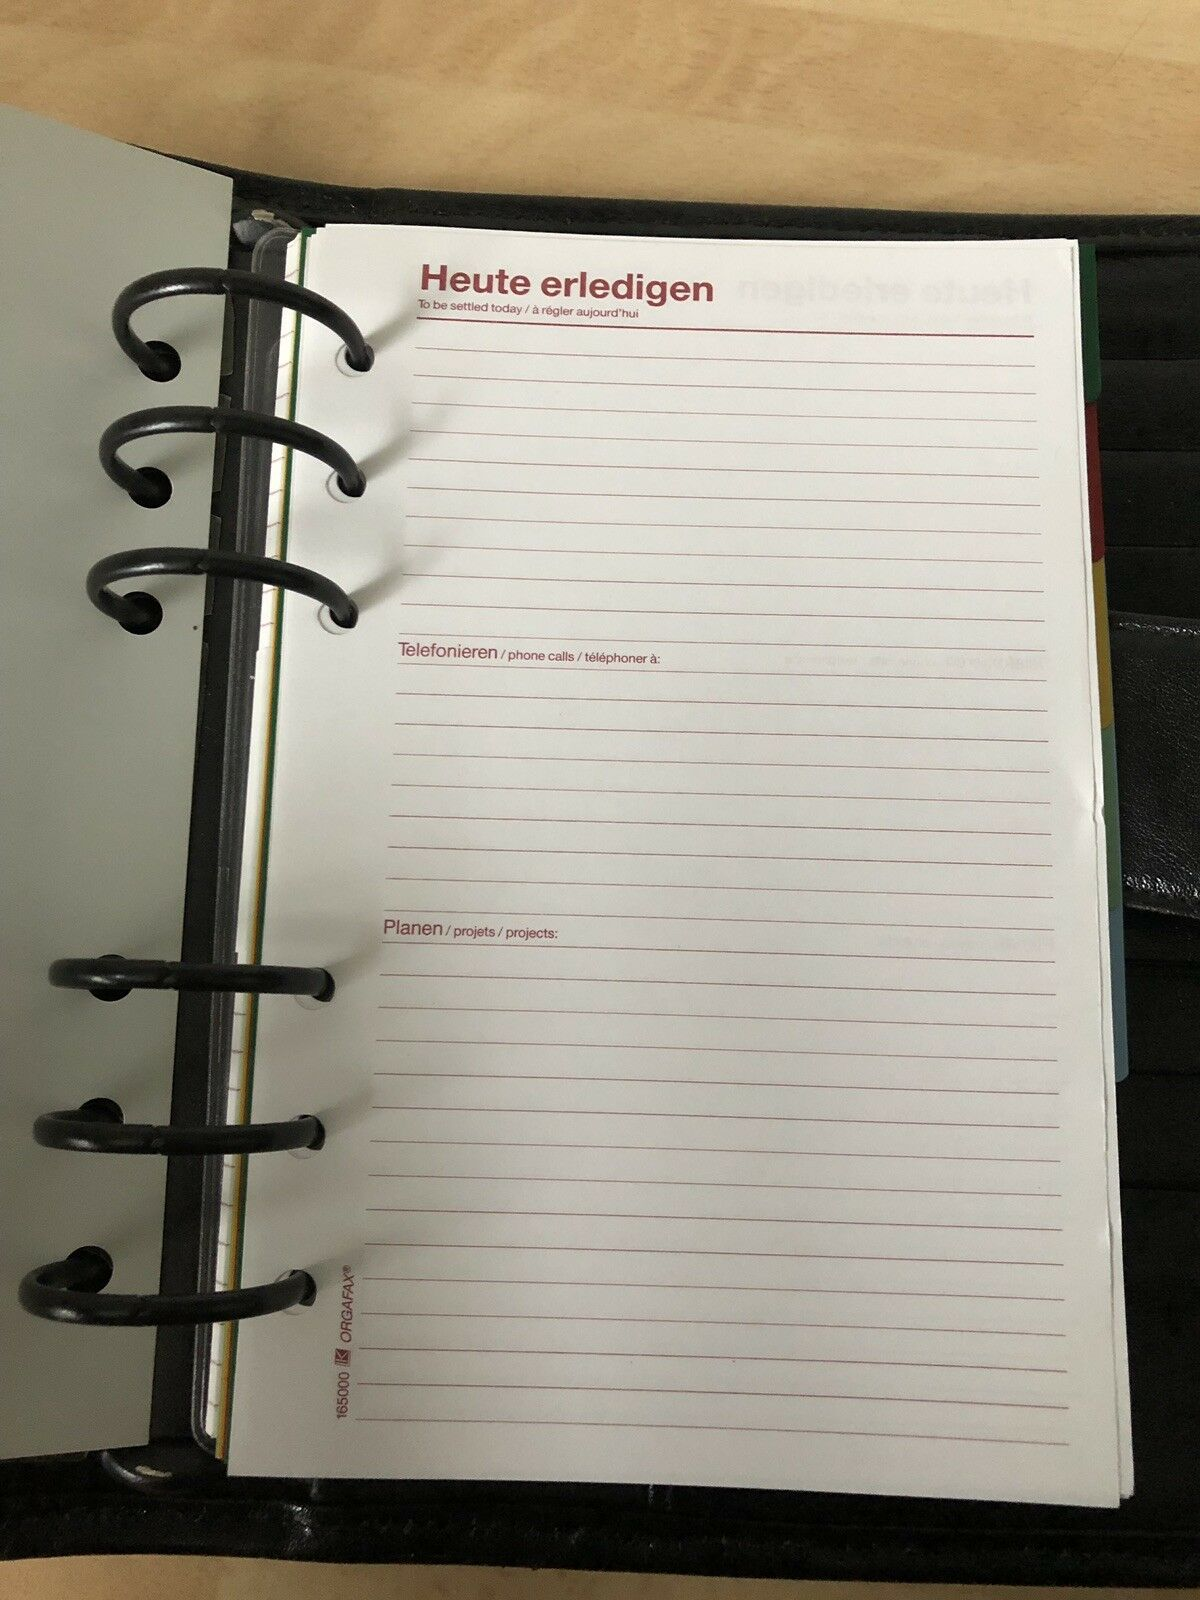 Kalender Organizer Timer für Größe Größe Größe  Personal  m. vielen Fächern + div. Einlagen | Preisreduktion  | Vorzugspreis  | Eine Große Vielfalt An Modelle 2019 Neue  da6d0a